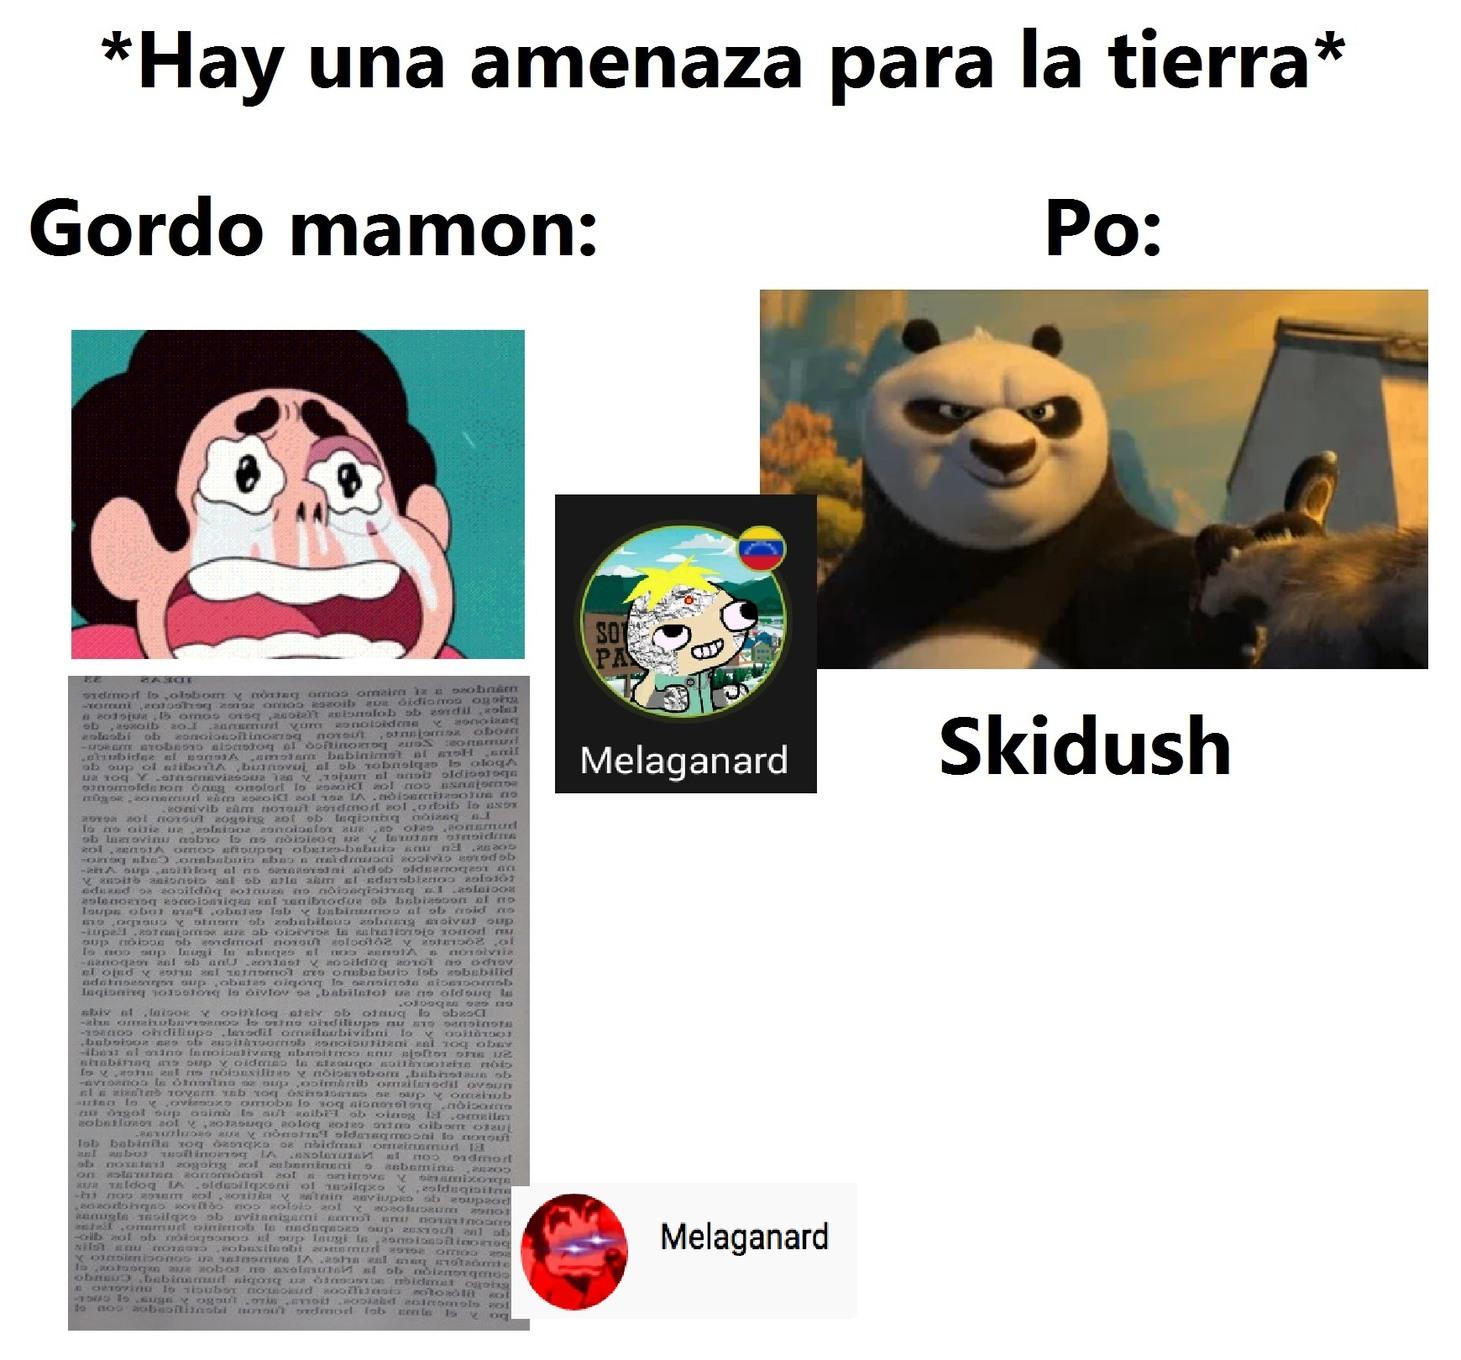 Skidush - meme